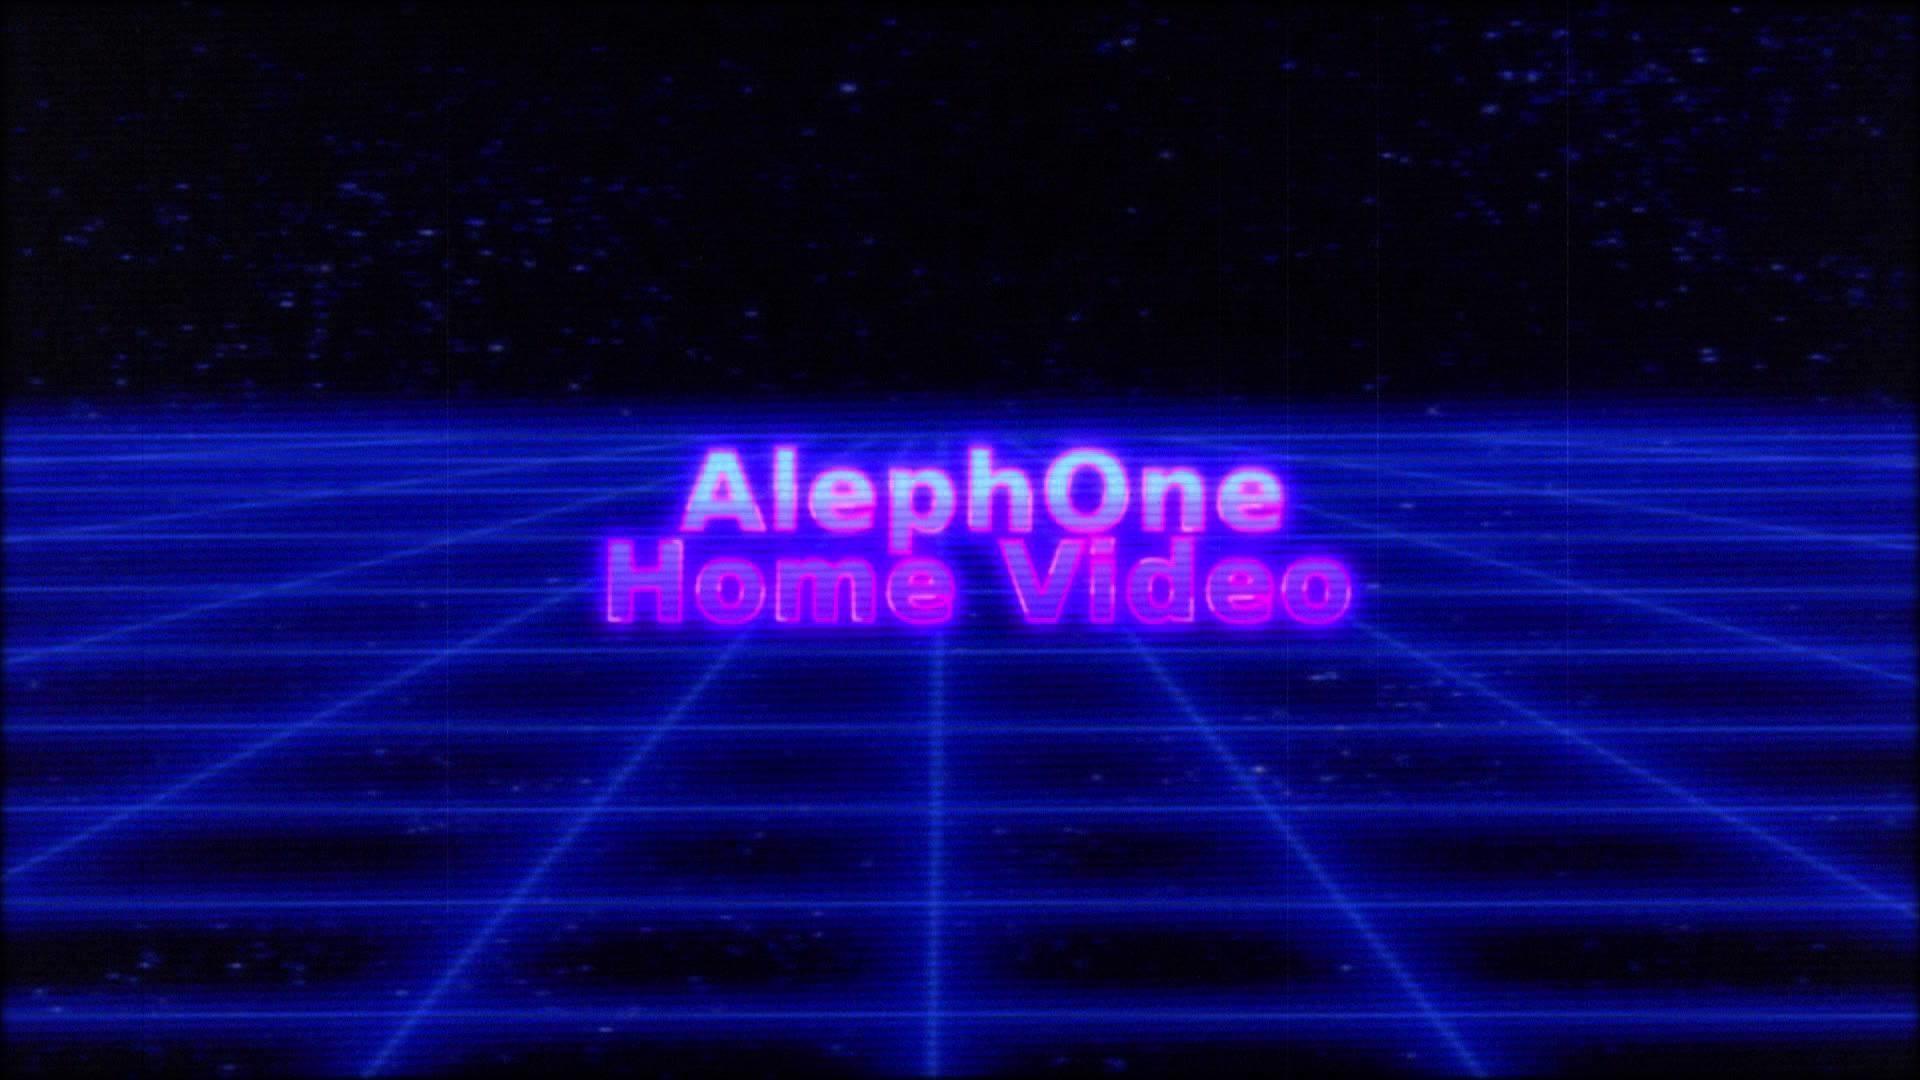 80's retro style ident logo